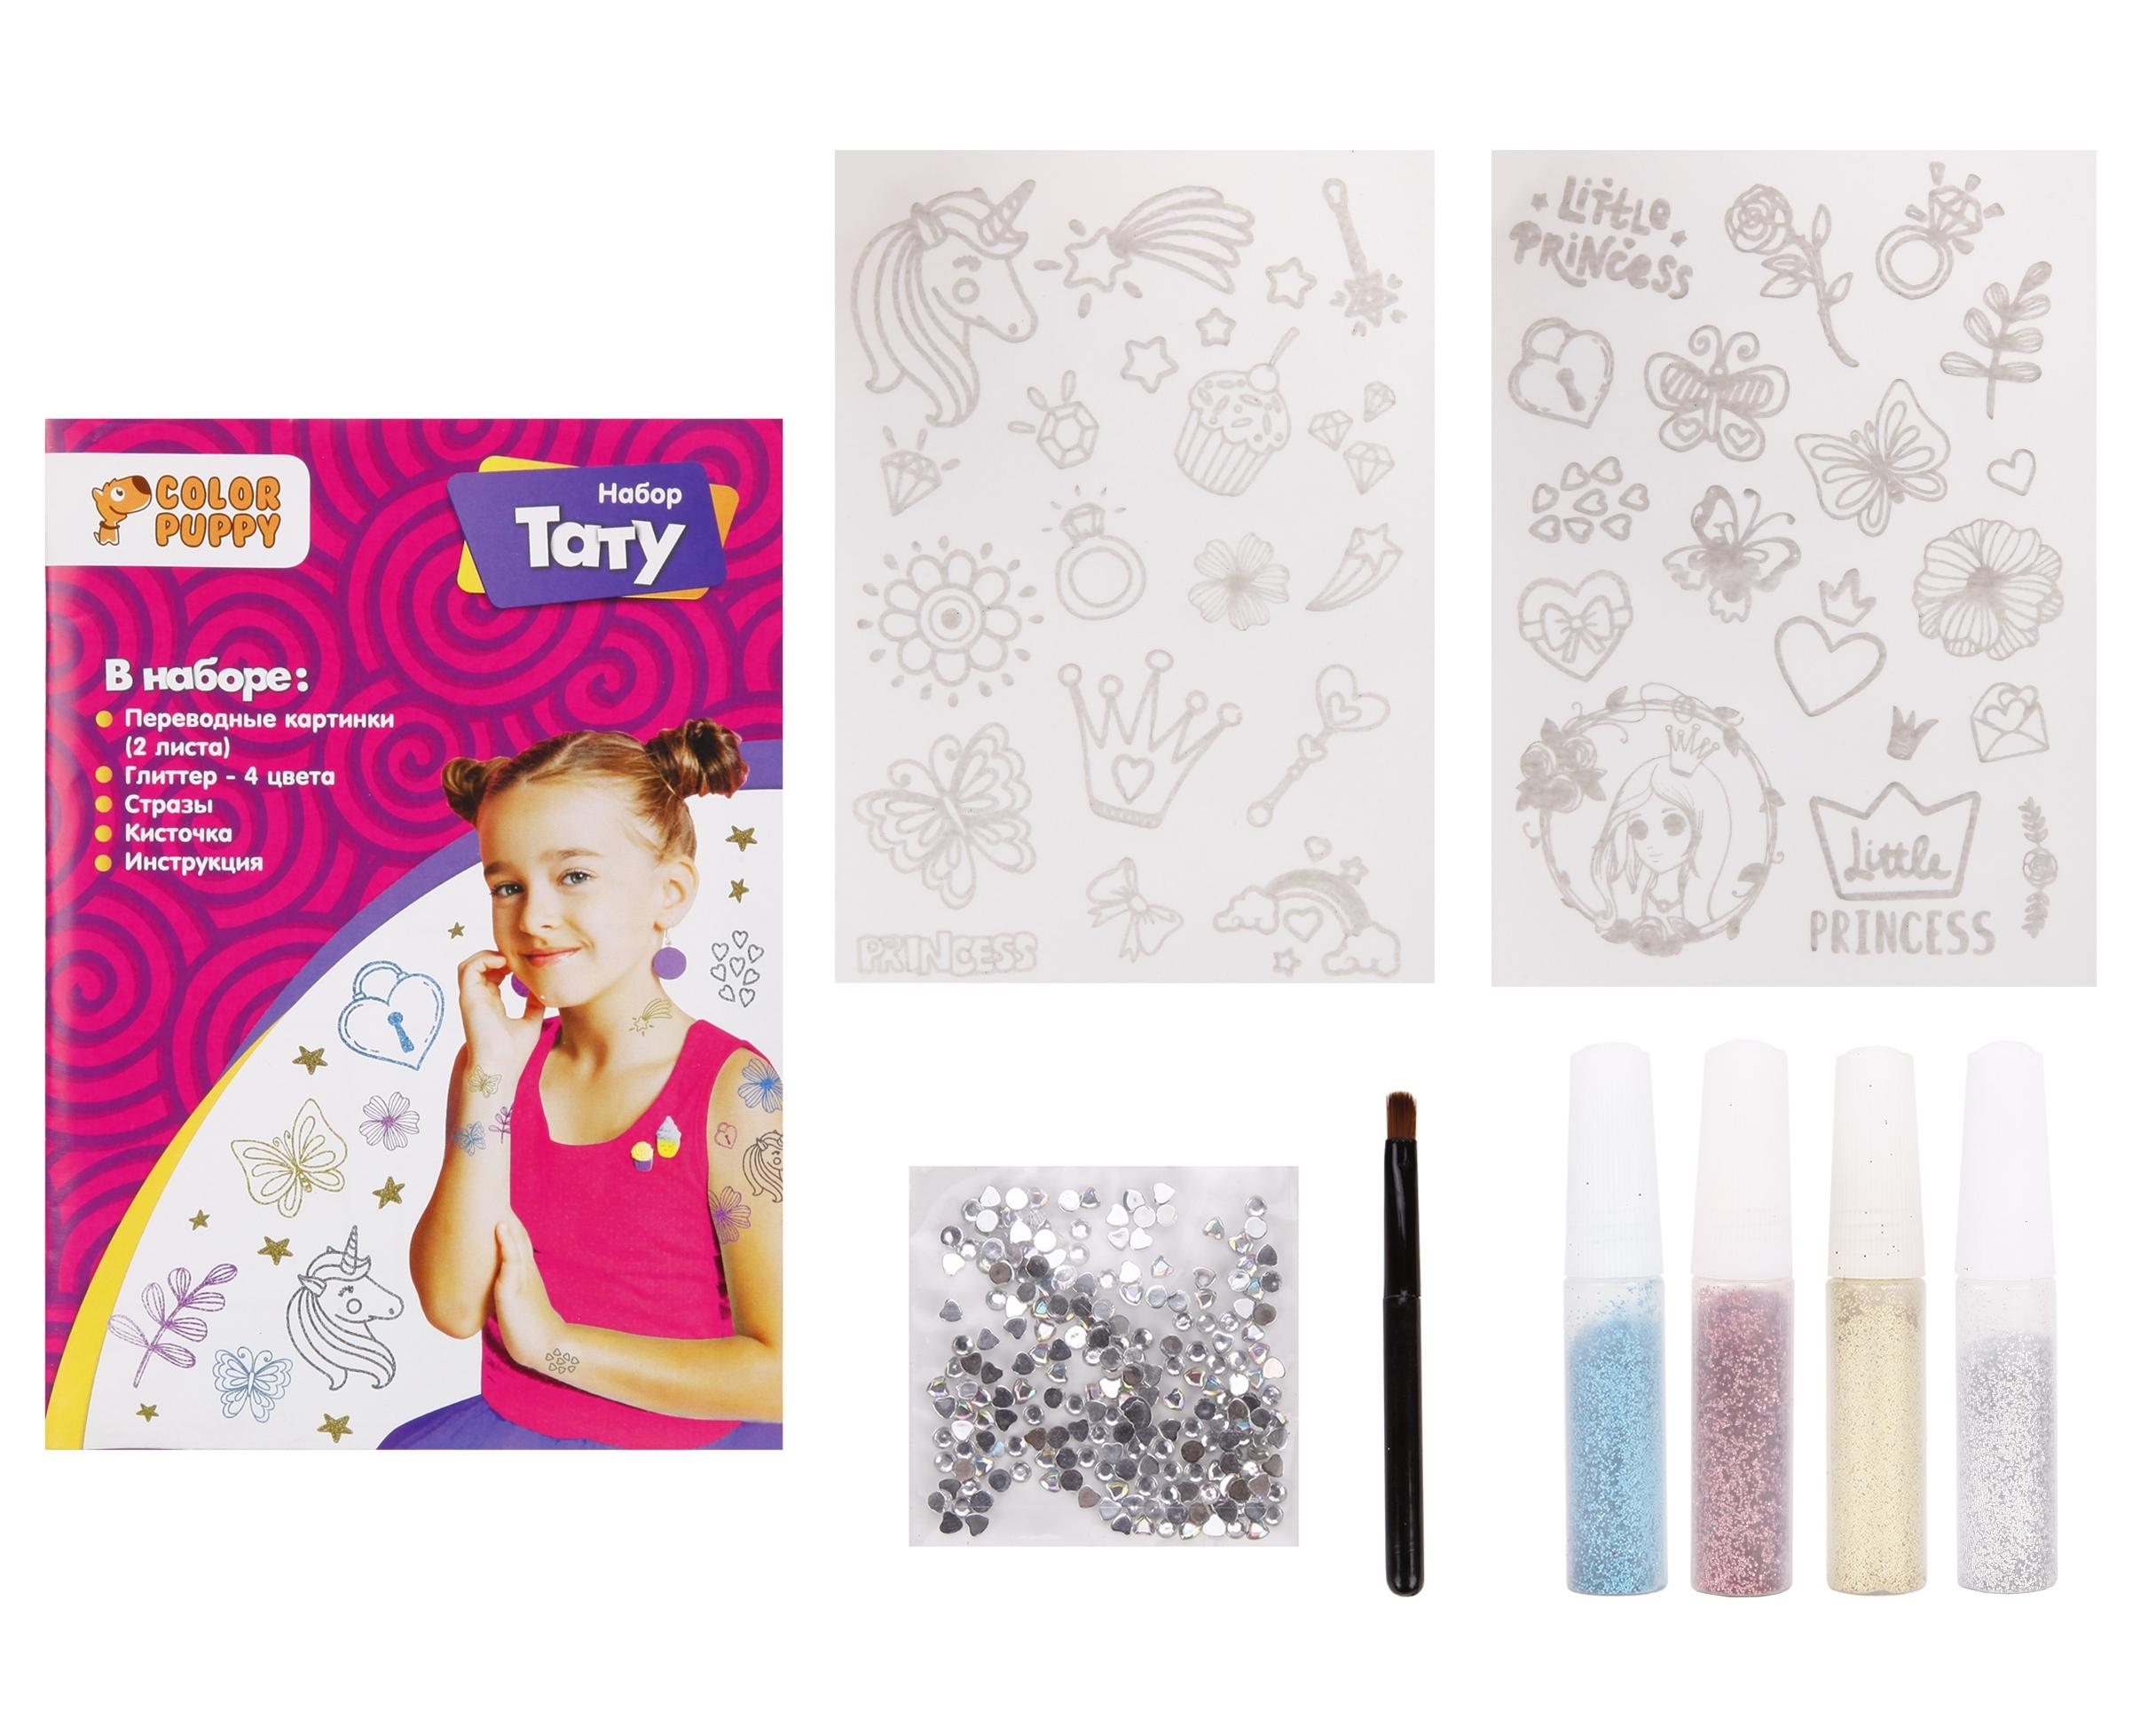 Декоративная косметика Color Puppy Маленькая принцесса 95461 кукла estabella маленькая принцесса